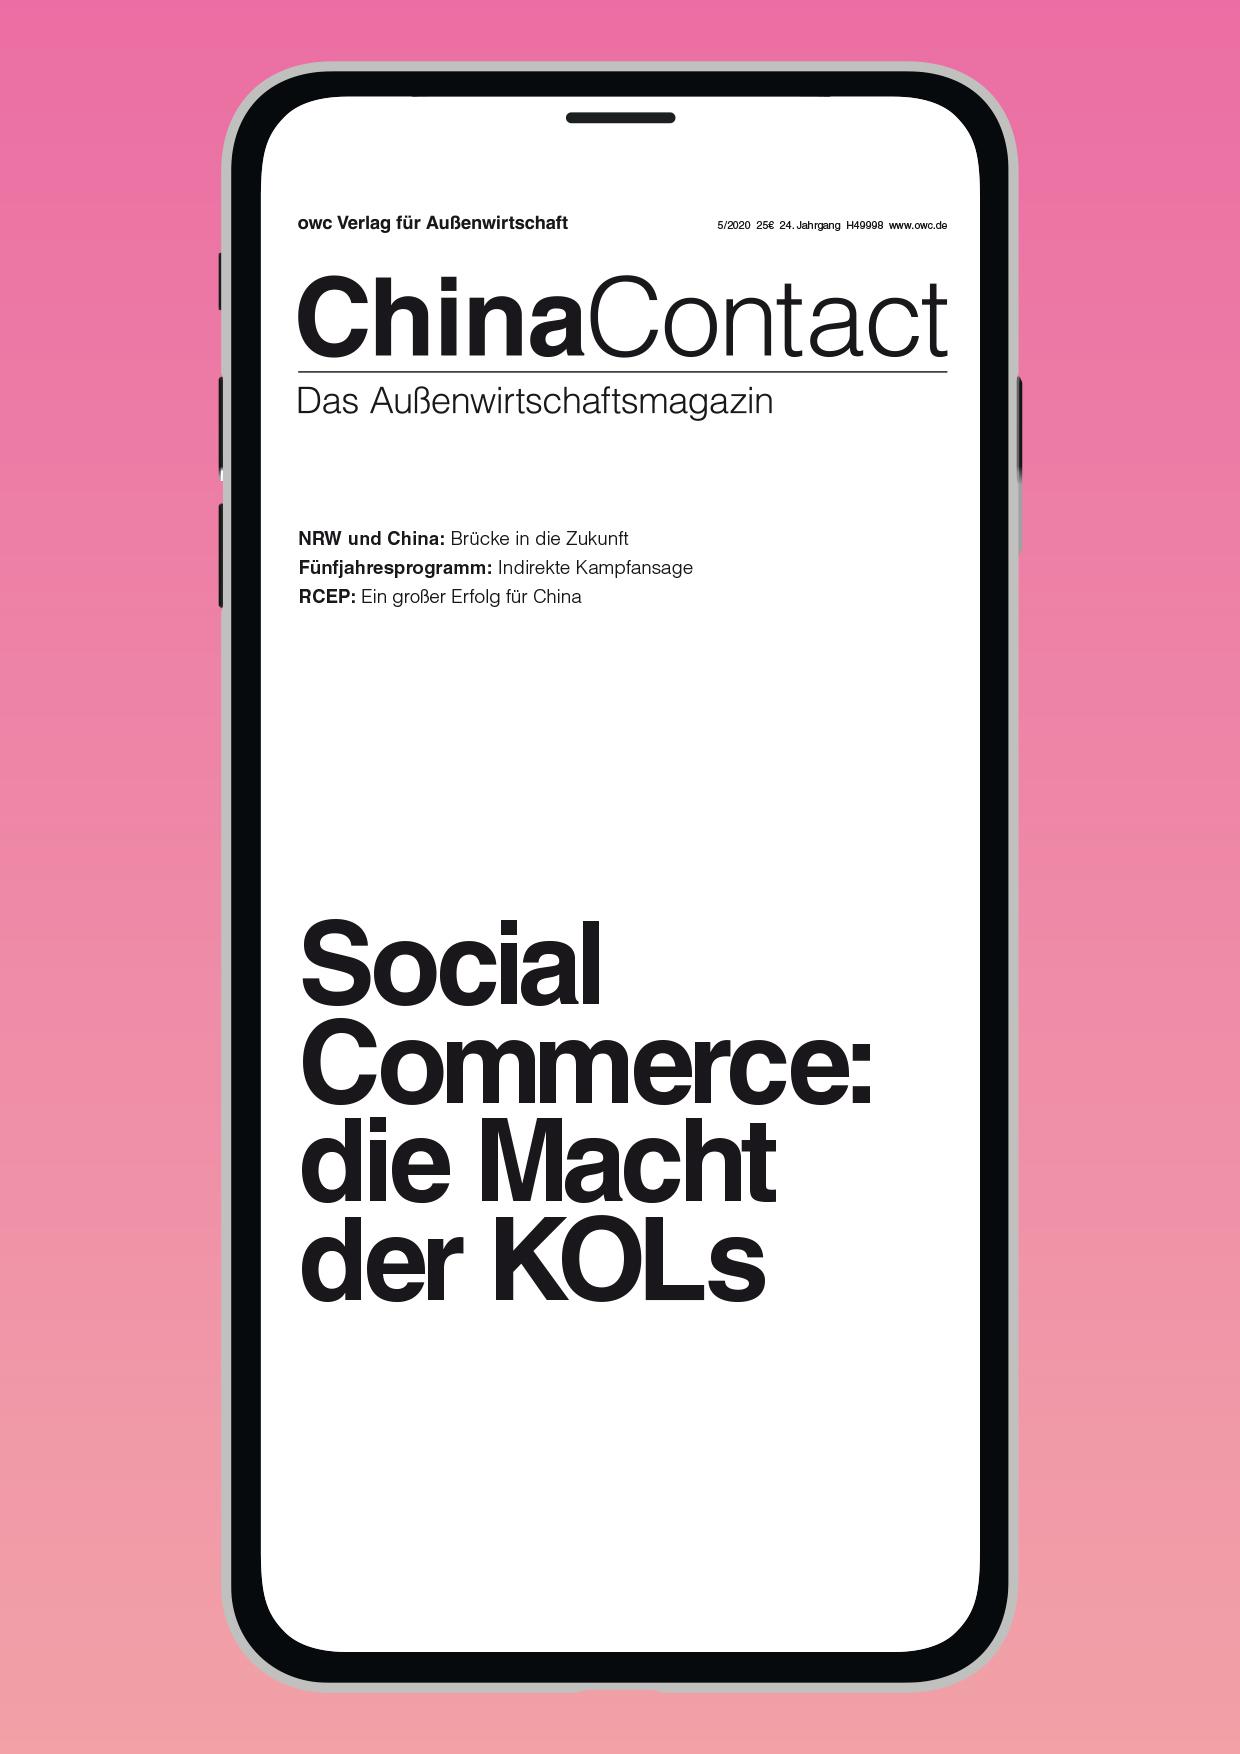 https://owc.de/wp-content/uploads/2020/12/CC_6-2020-cover.jpg